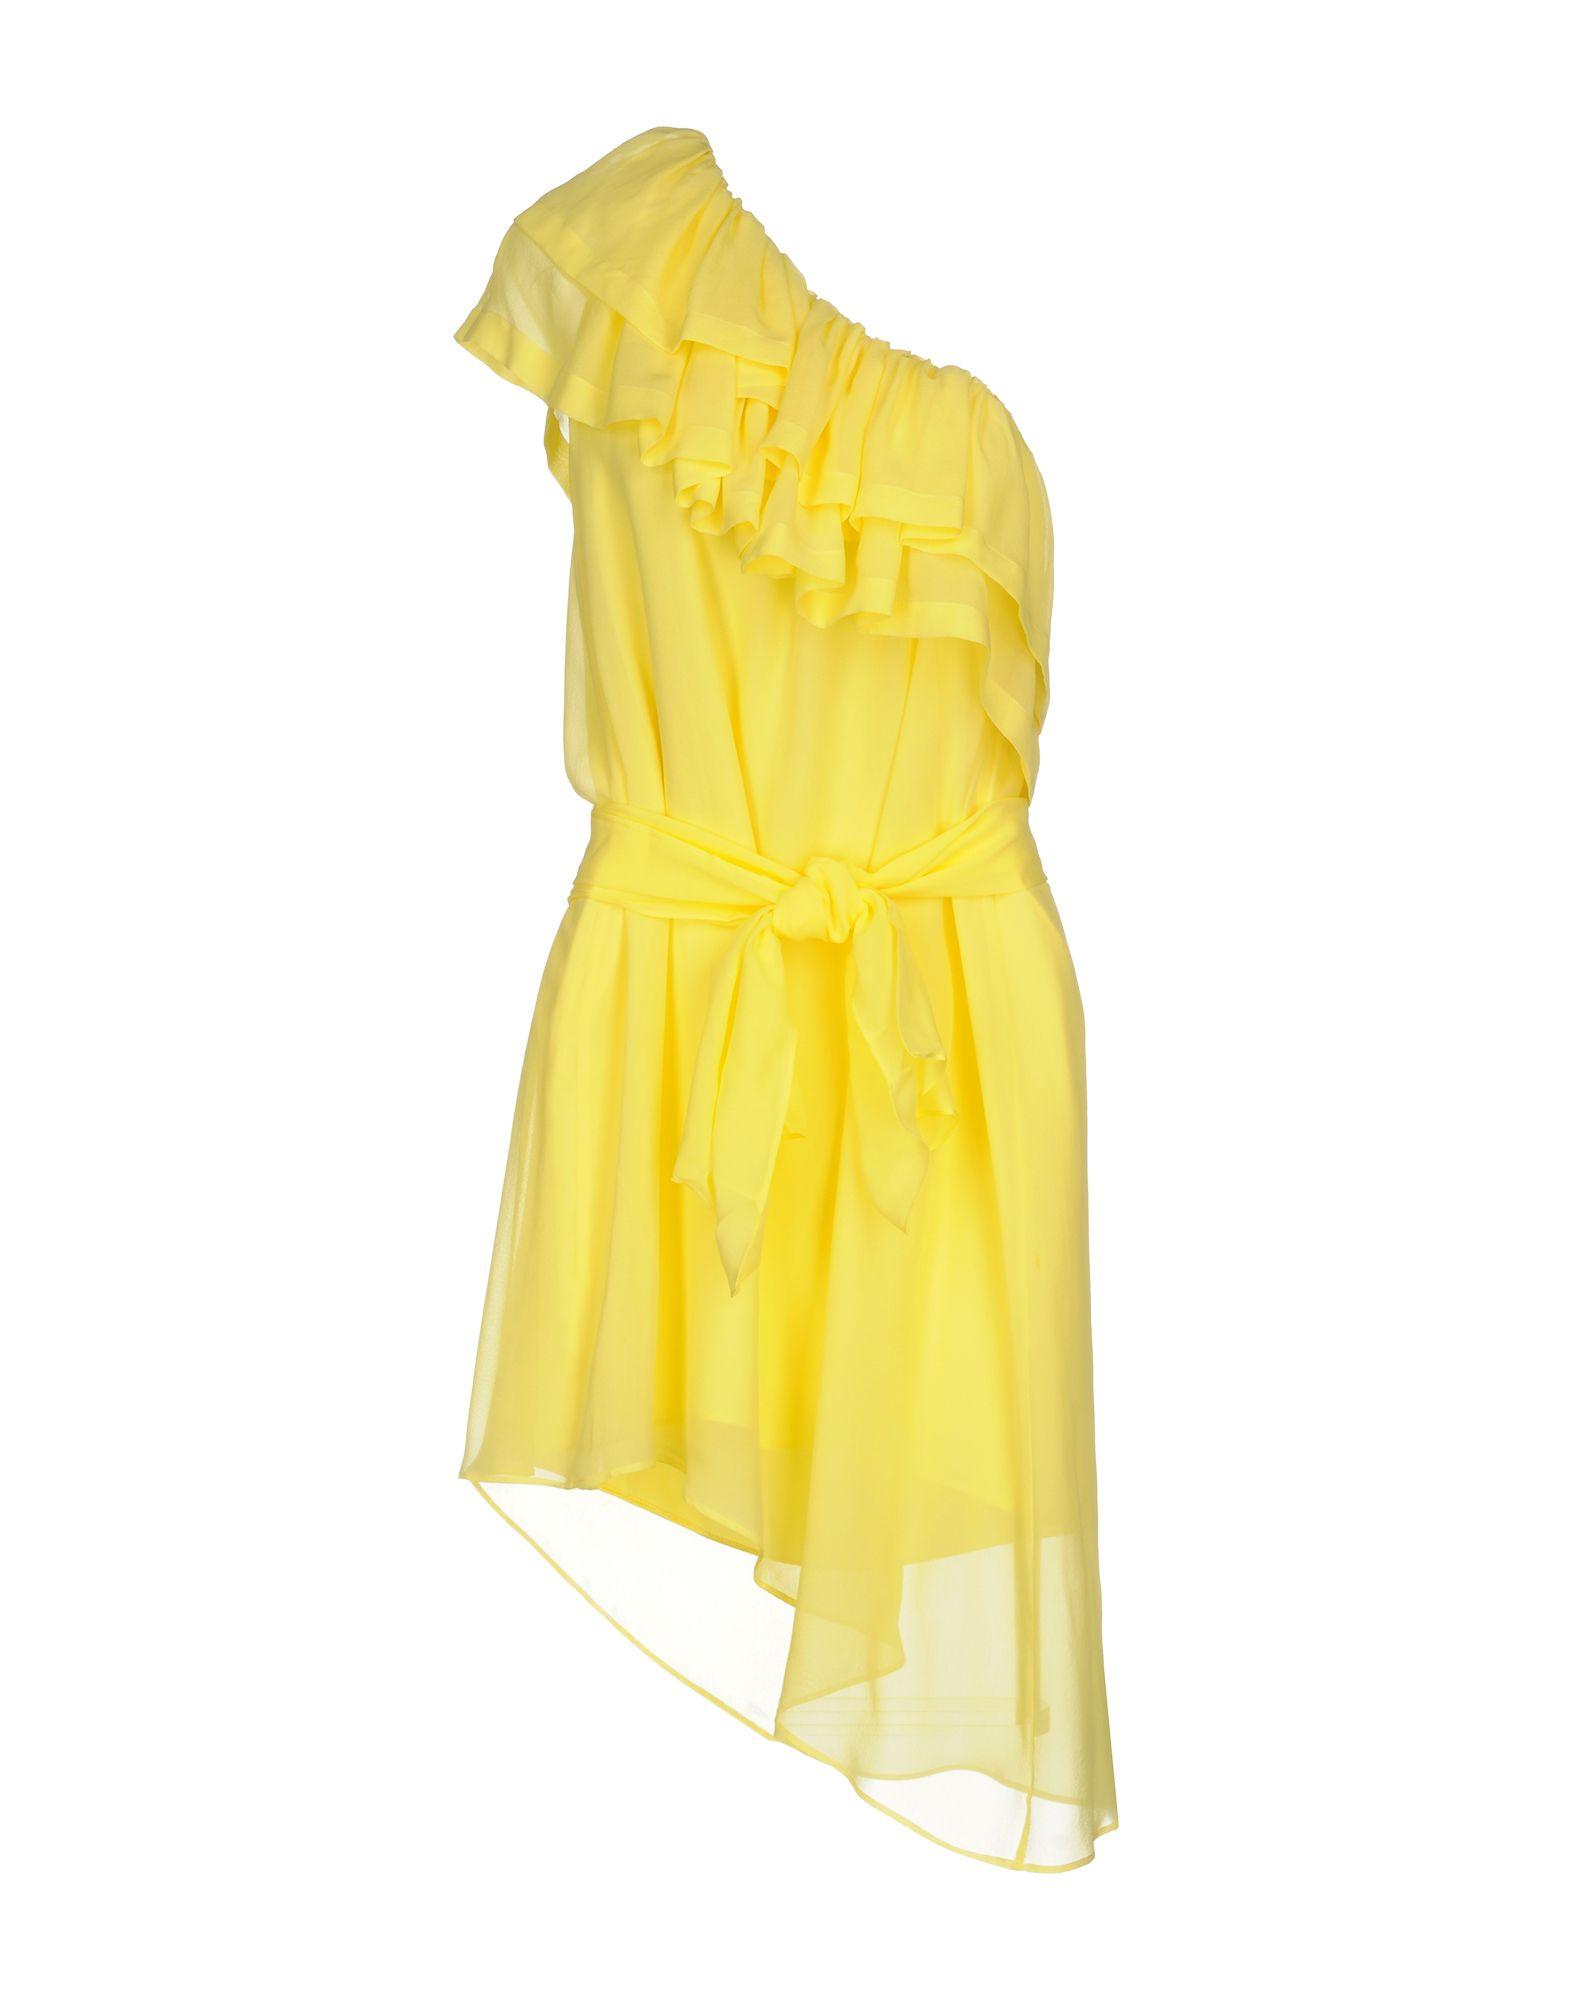 CHRISTIAN PELLIZZARI Damen Kurzes Kleid Farbe Gelb Größe 3